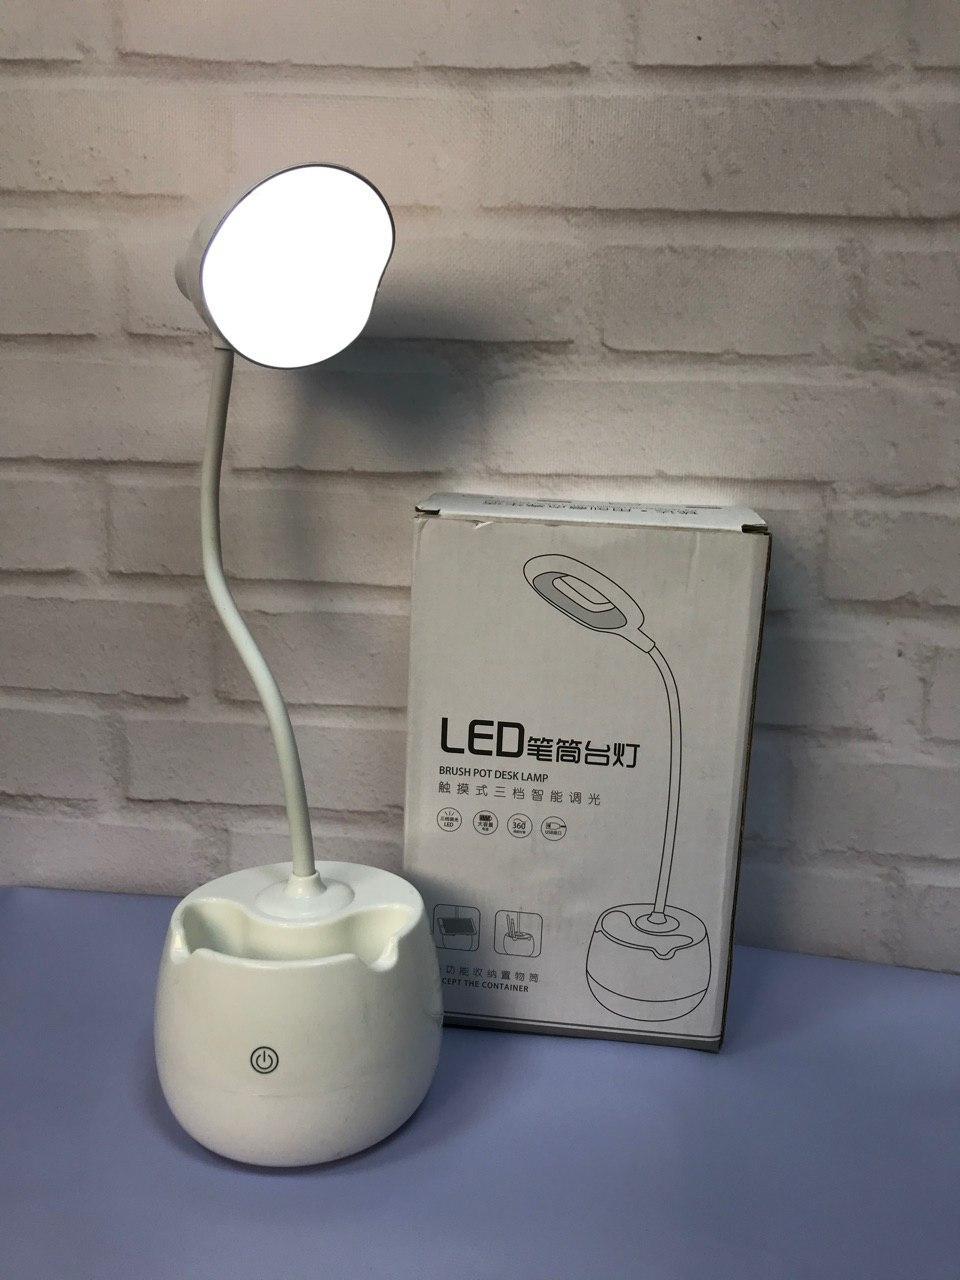 Портативная Компактная Яркая без проводная настольная Лампа с сенсорным управлением. Лучшая Цена!